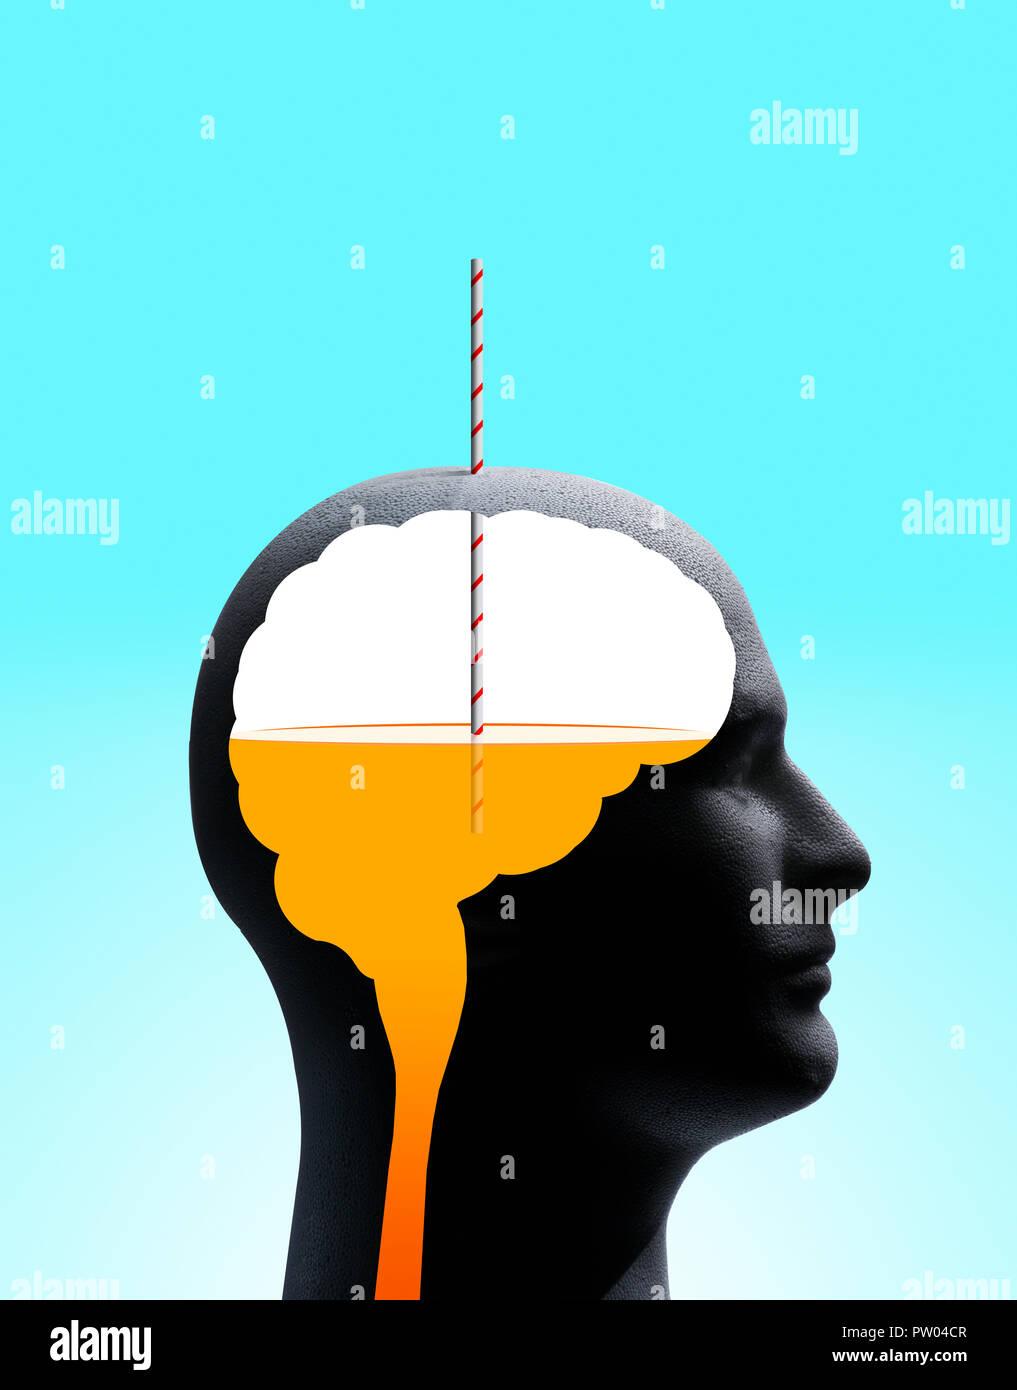 Konzept Profil eines Mannes mit Umrisse von Gehirn und Stammzellen, die eine orange Drink mit Stroh, Kool Aid Denken Stockbild